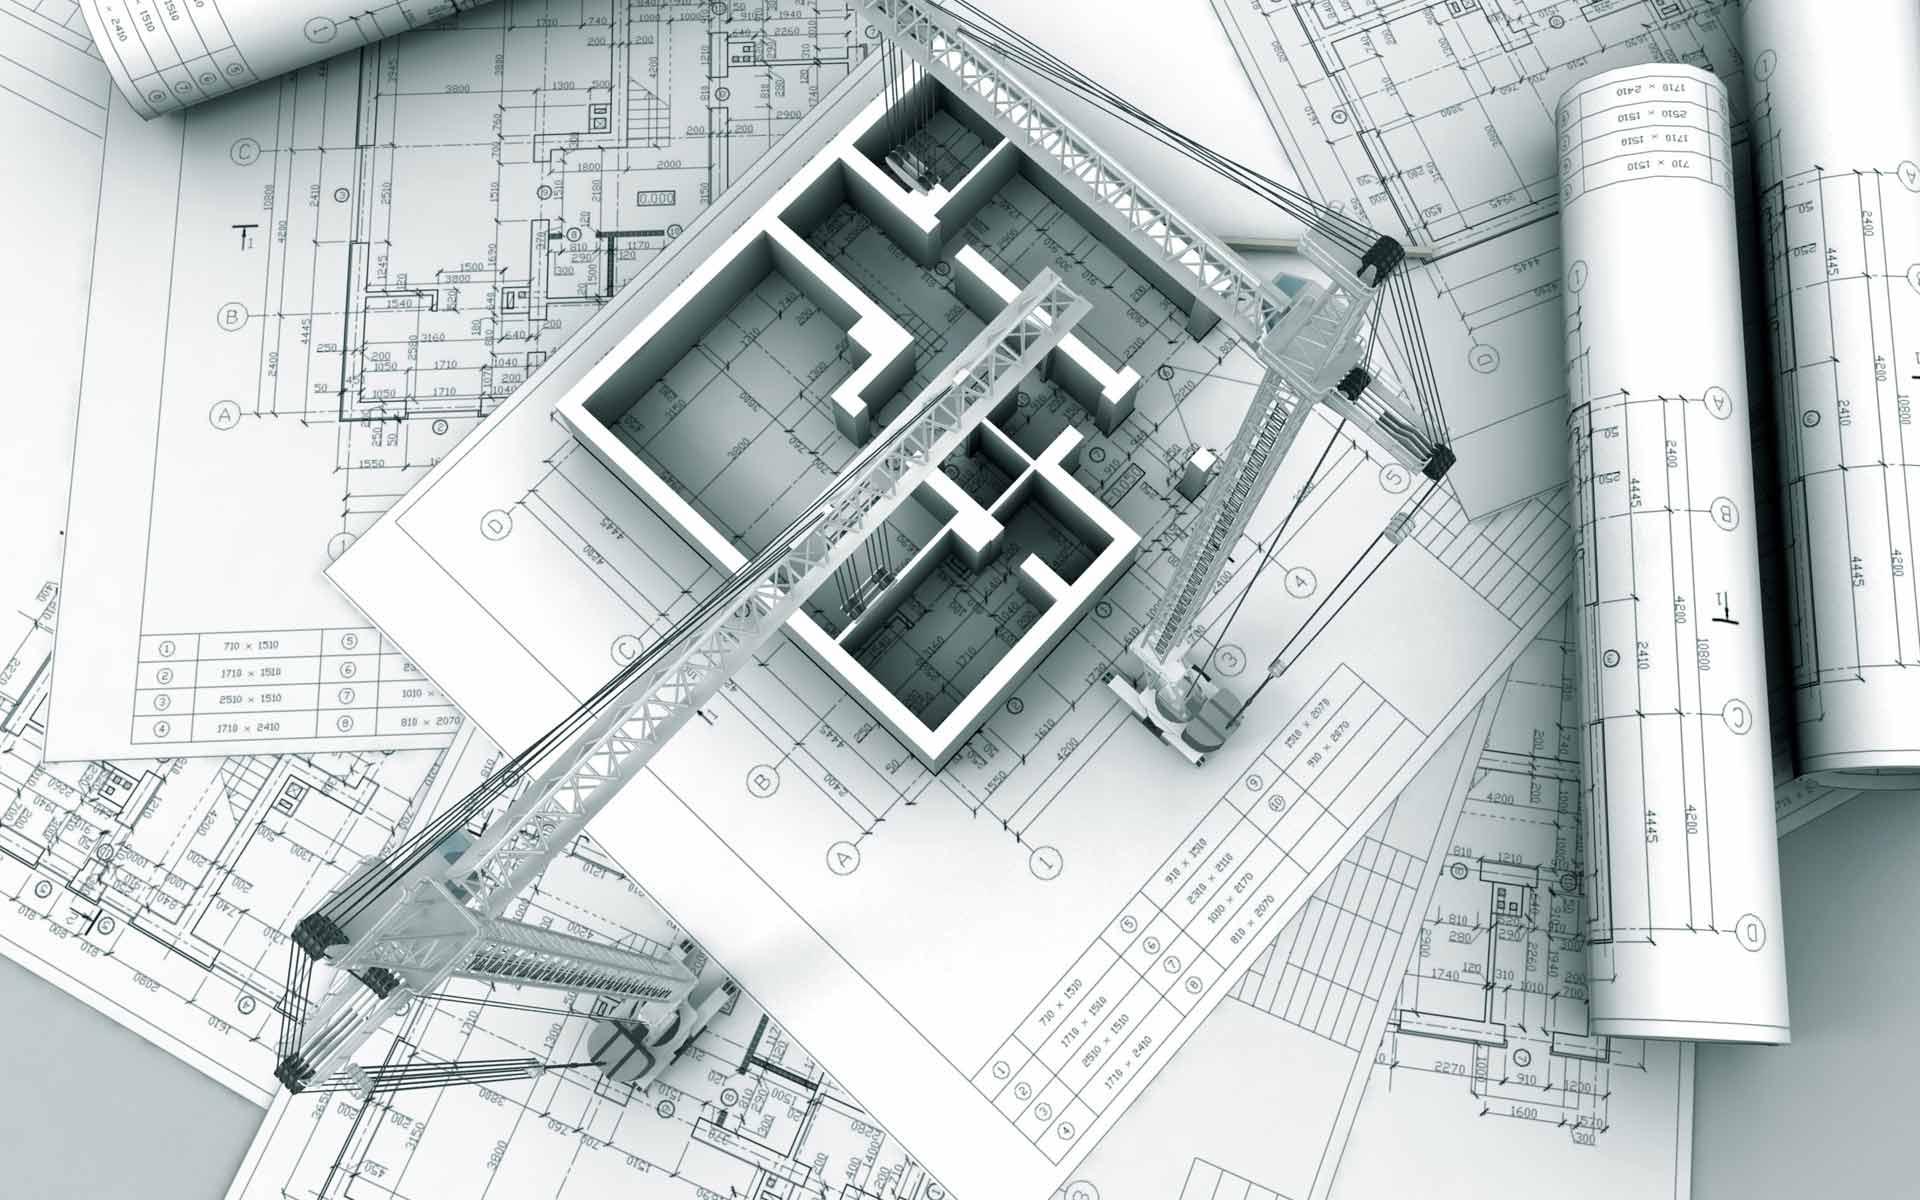 Перепланировка квартиры: как согласовать изменения с контролирующими органами. Новости партнеров - Новости партнеров 137. Metro